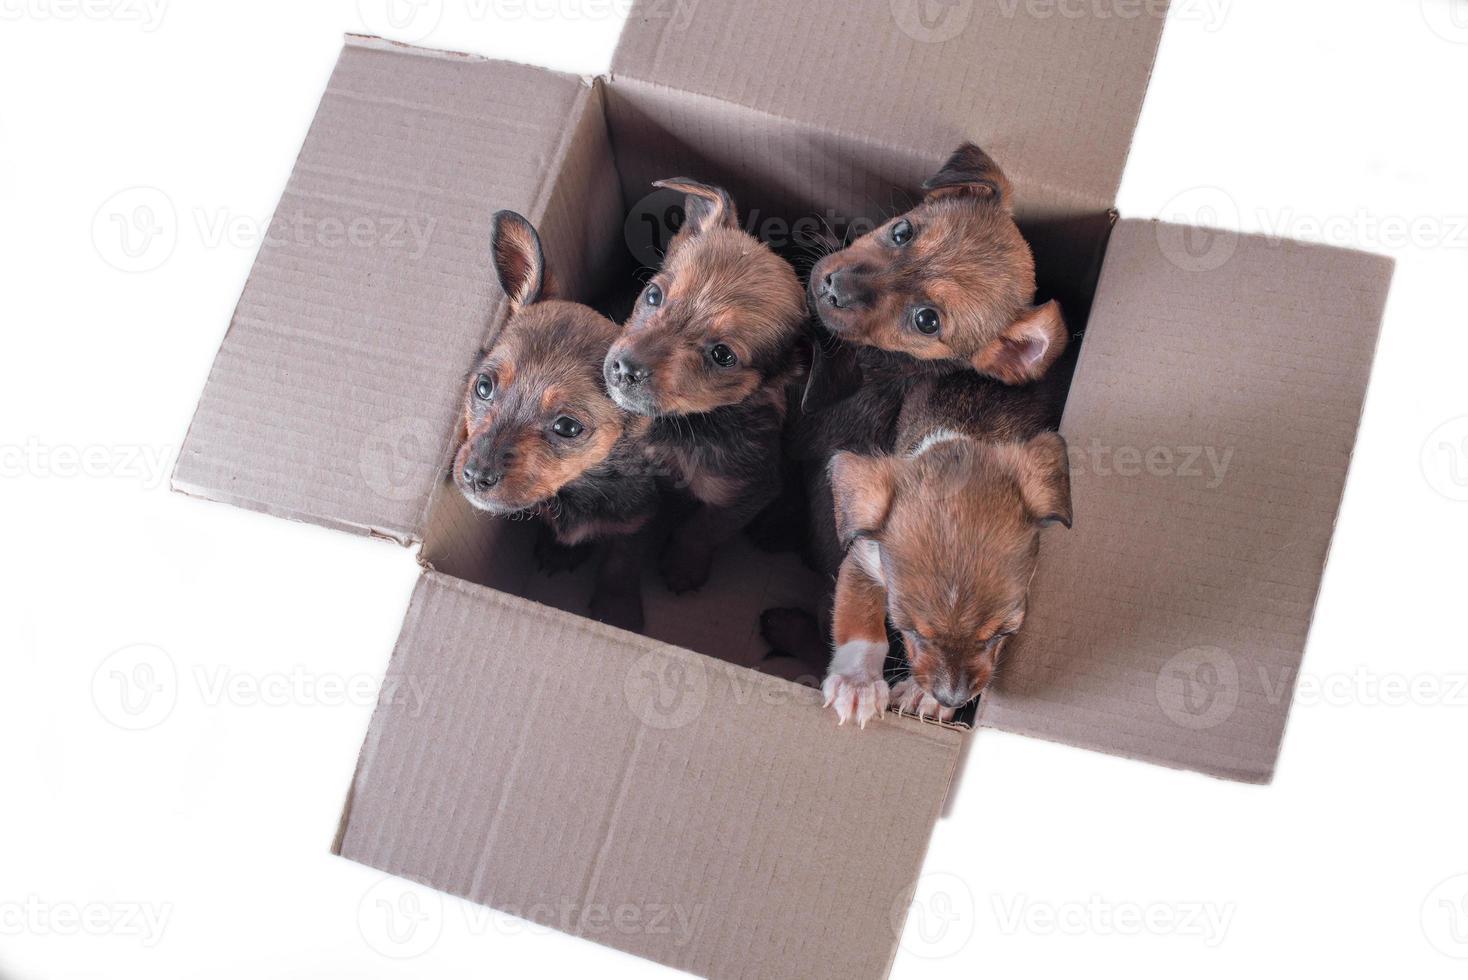 Cuatro cachorros exógenos en una caja de cartón sobre un fondo blanco. foto